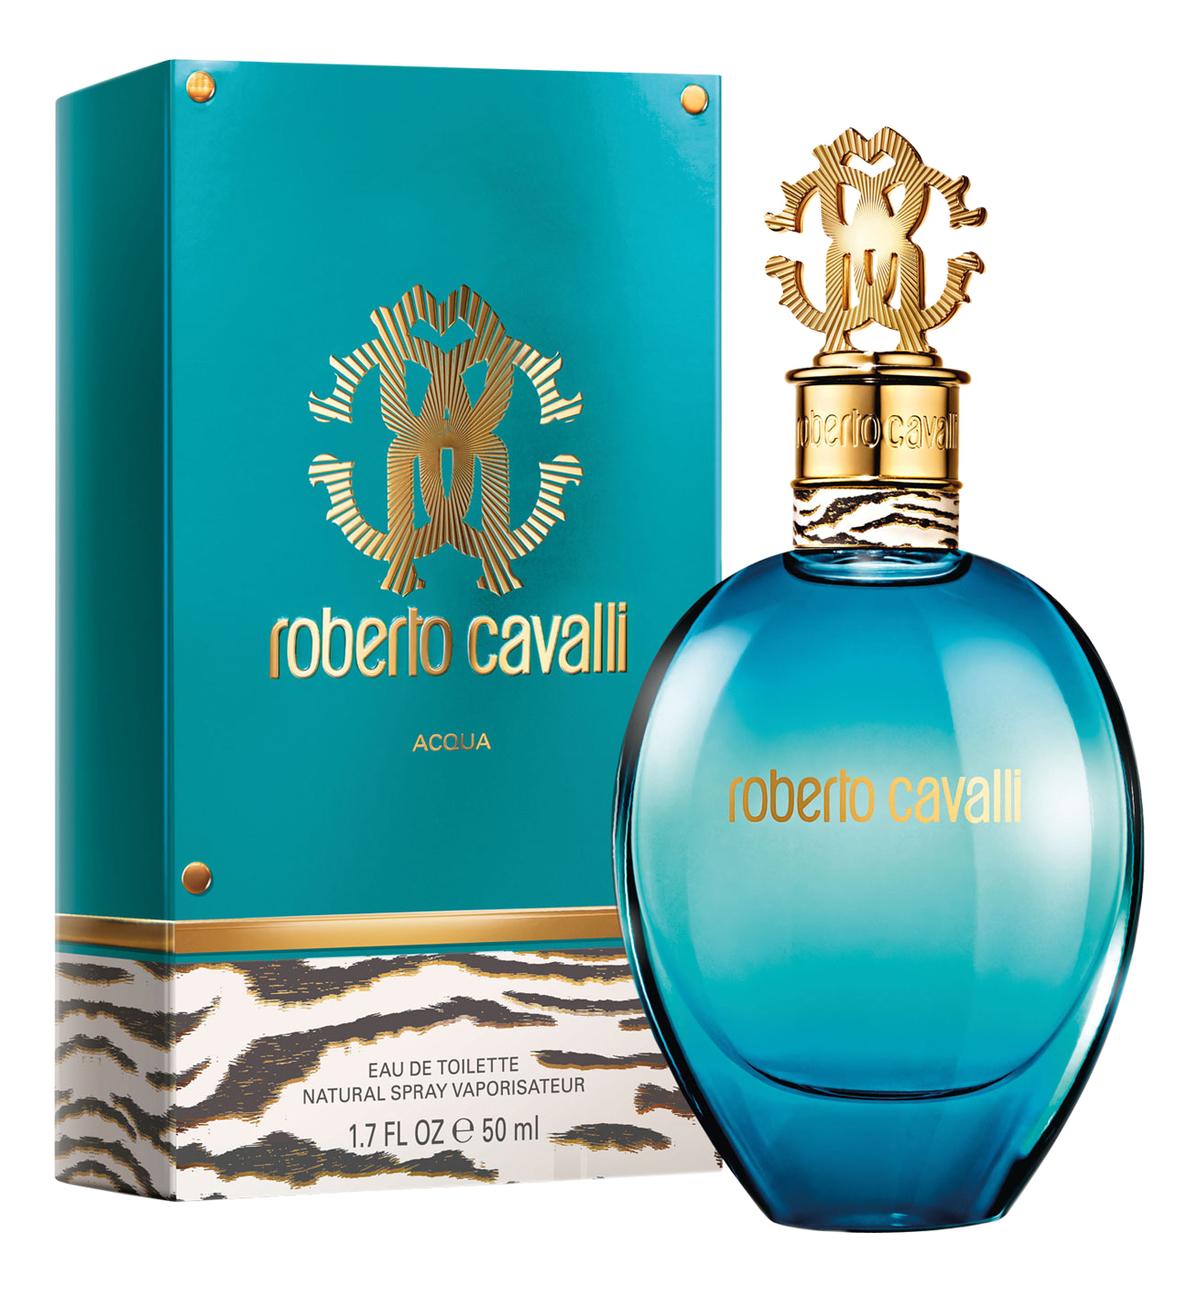 Купить Acqua: туалетная вода 50мл, Roberto Cavalli